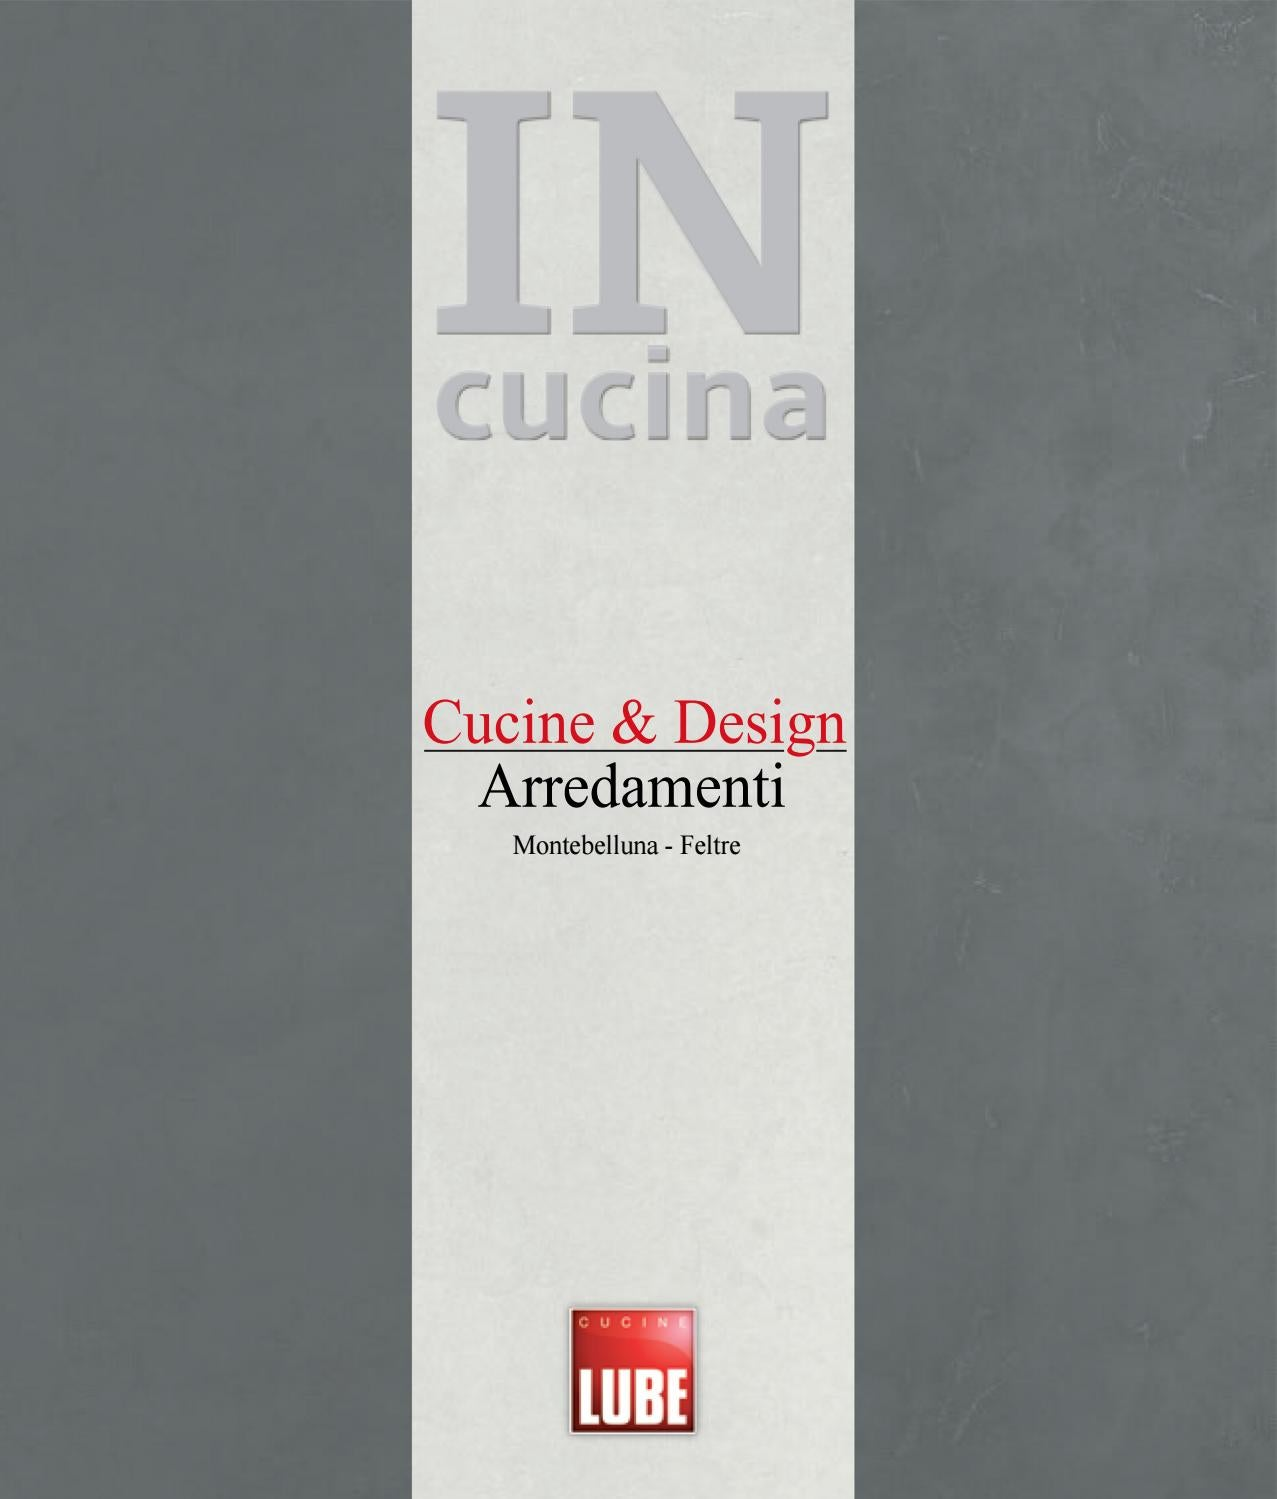 Catalogo in cucina lube treviso by cucine lube treviso issuu for Arredamenti montebelluna